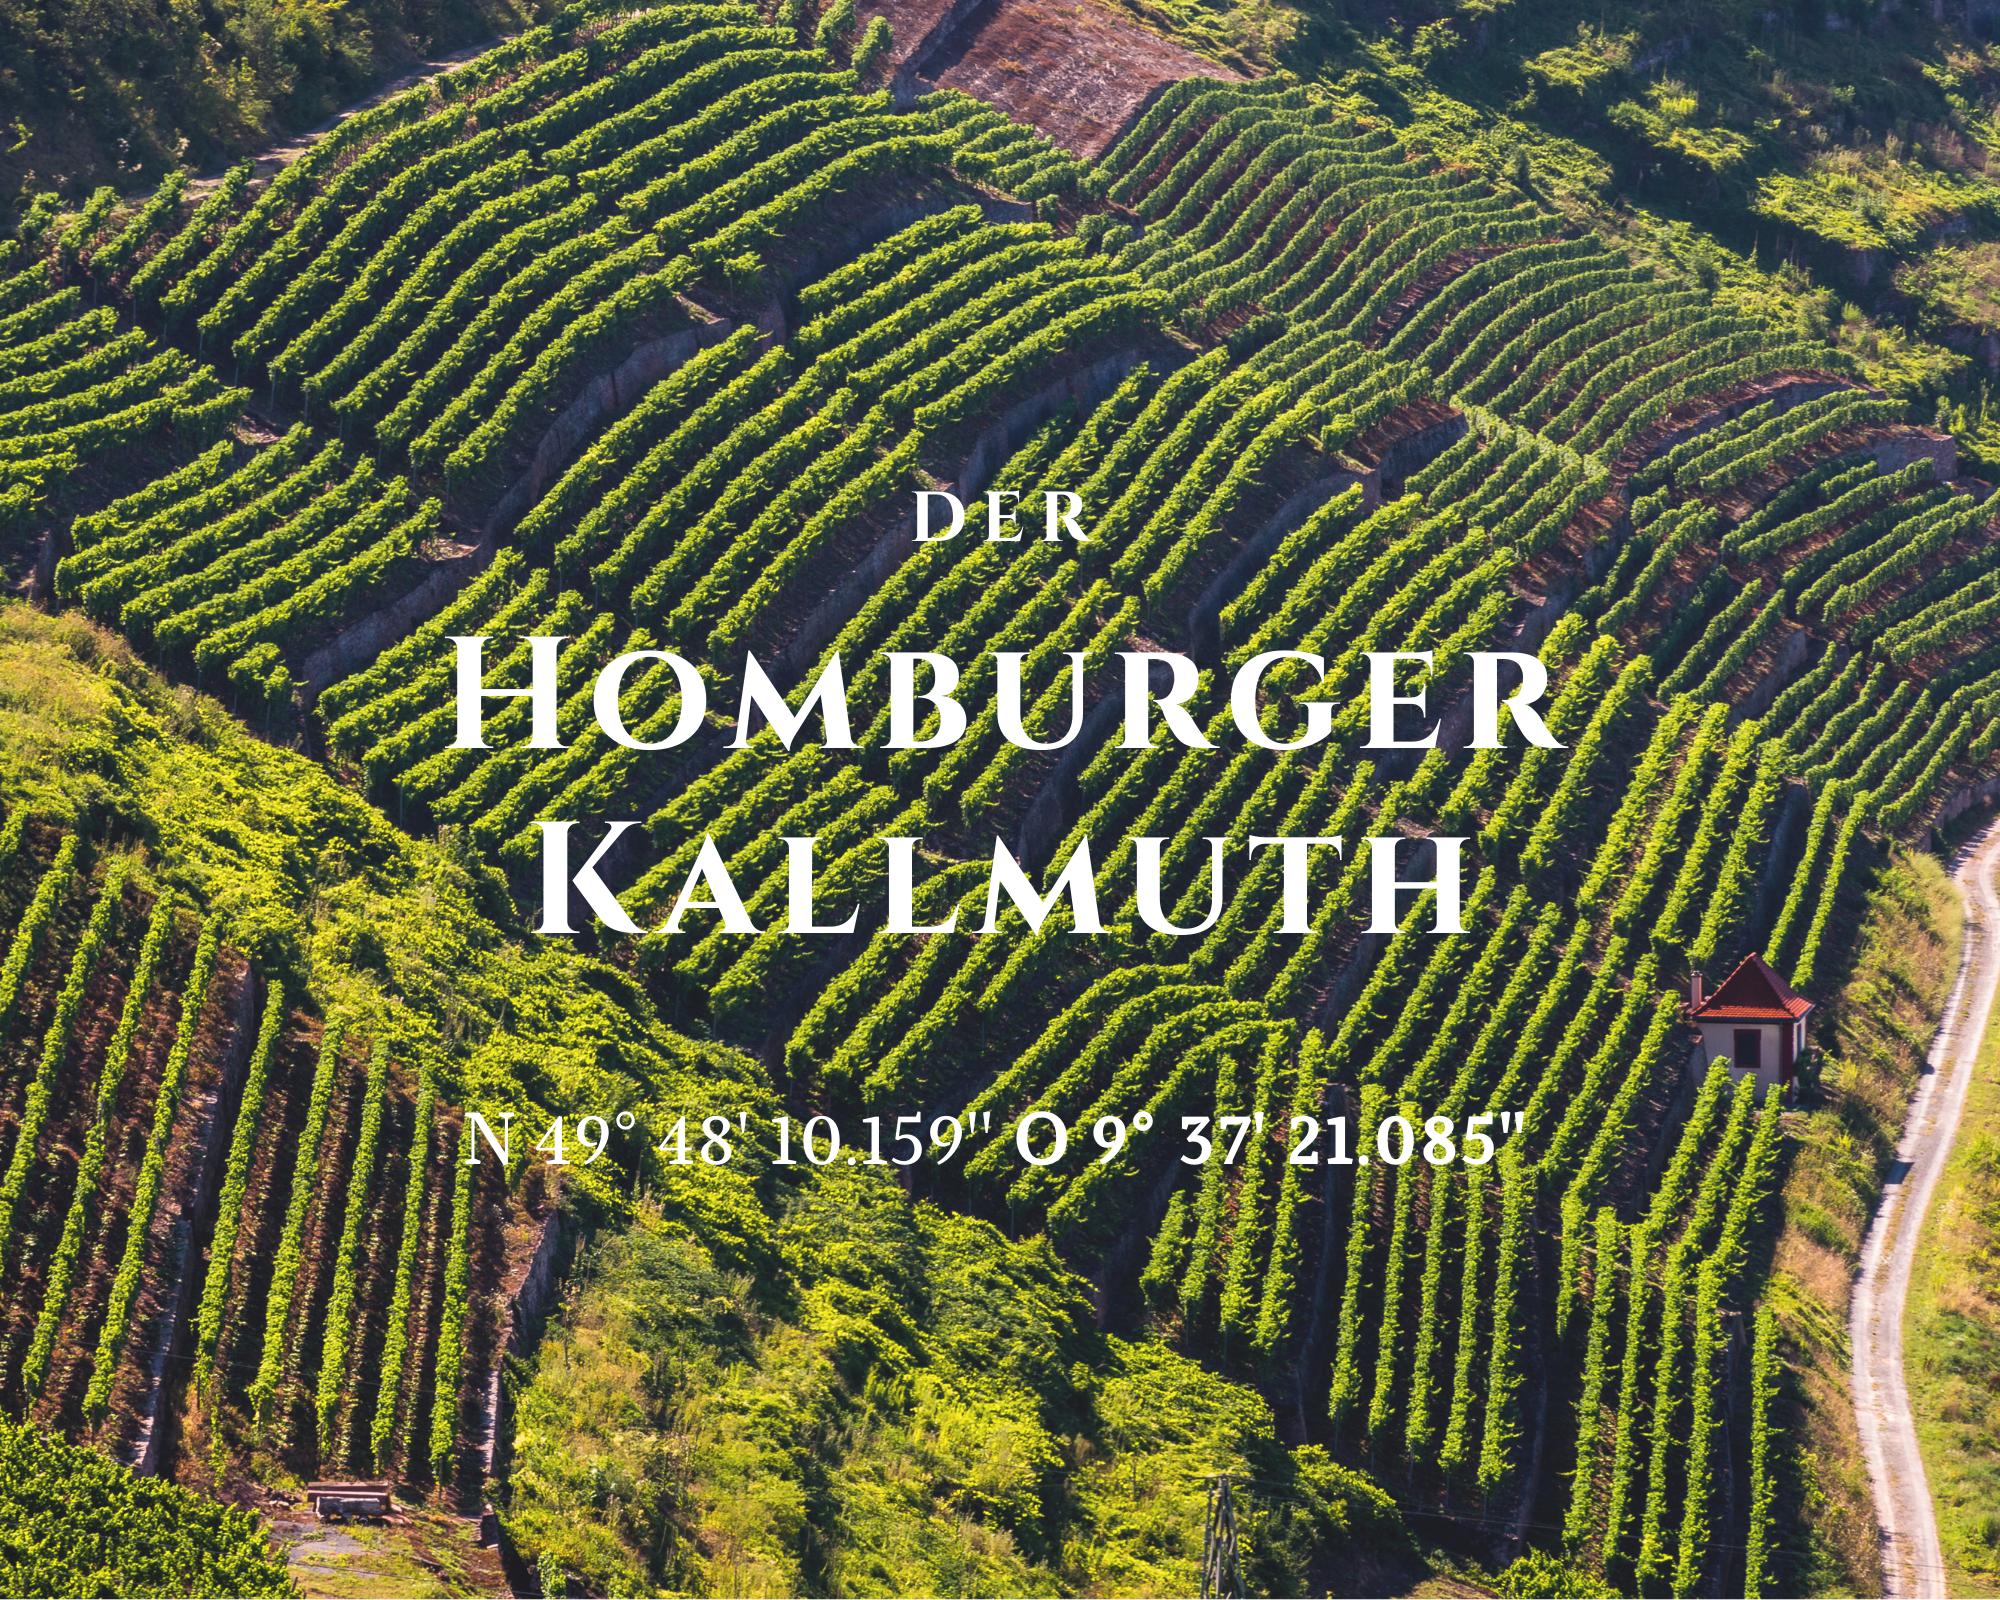 Der fürstliche Homburger Kallmuth ist eine der besten Lagen Deutschlands